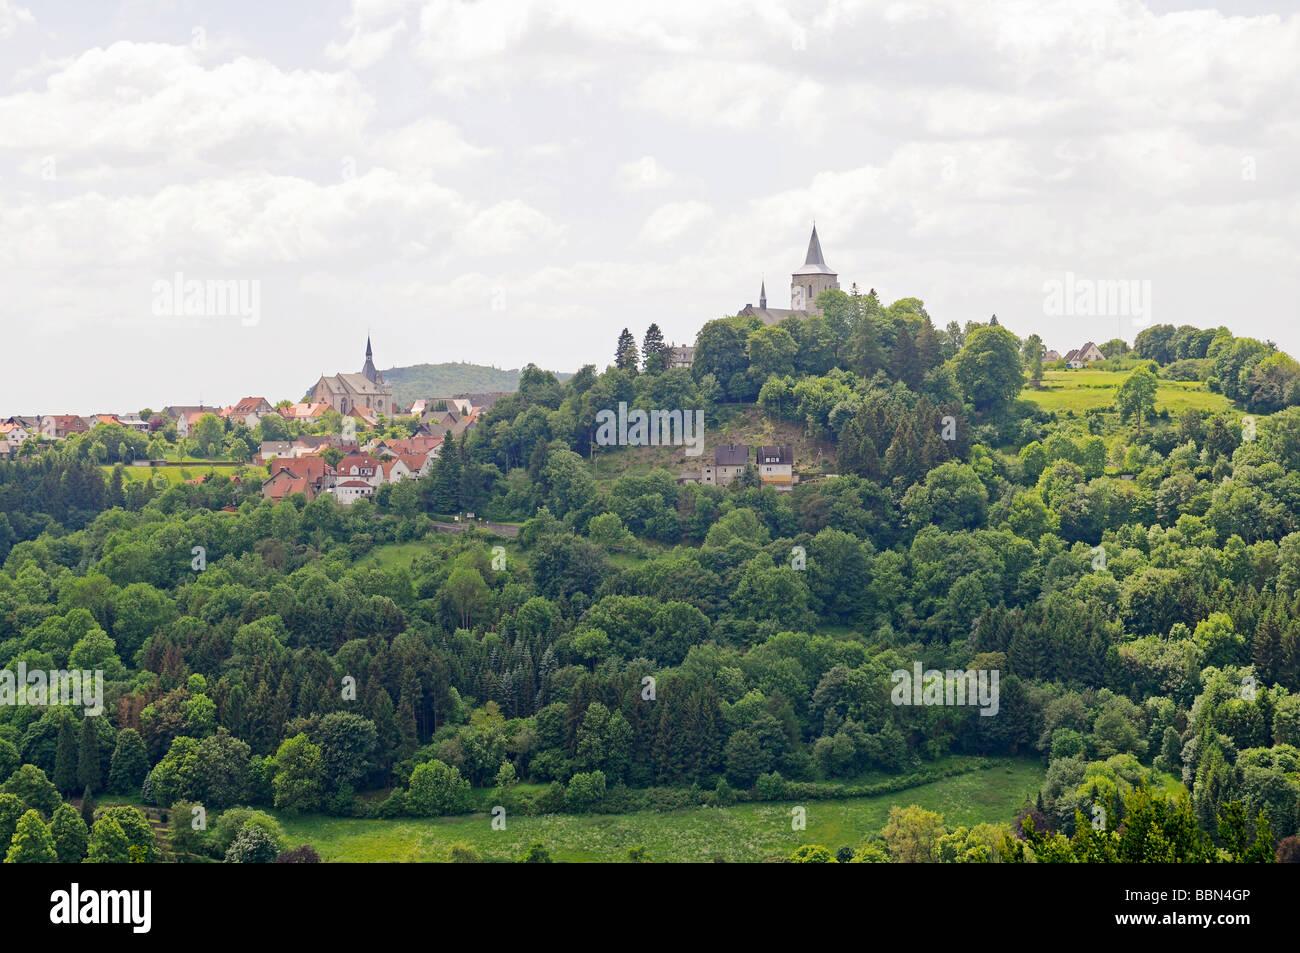 City view, church, Ober Marsberg, Marsberg, Sauerland, North Rhine-Westphalia, Germany, Europe Stock Photo